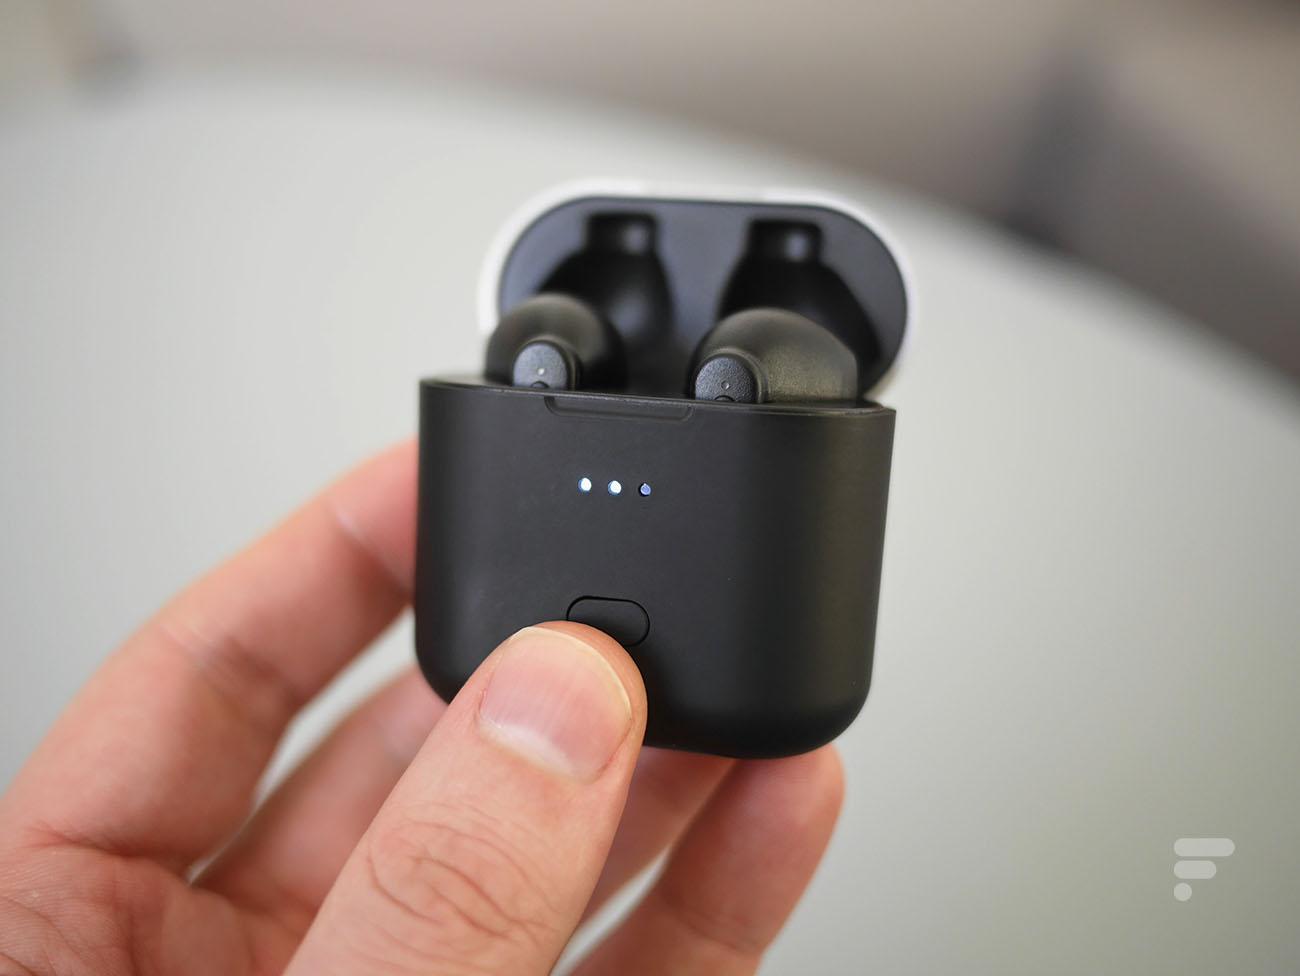 Test des écouteurs Lidl : des true wireless à 25 euros plutôt convaincants